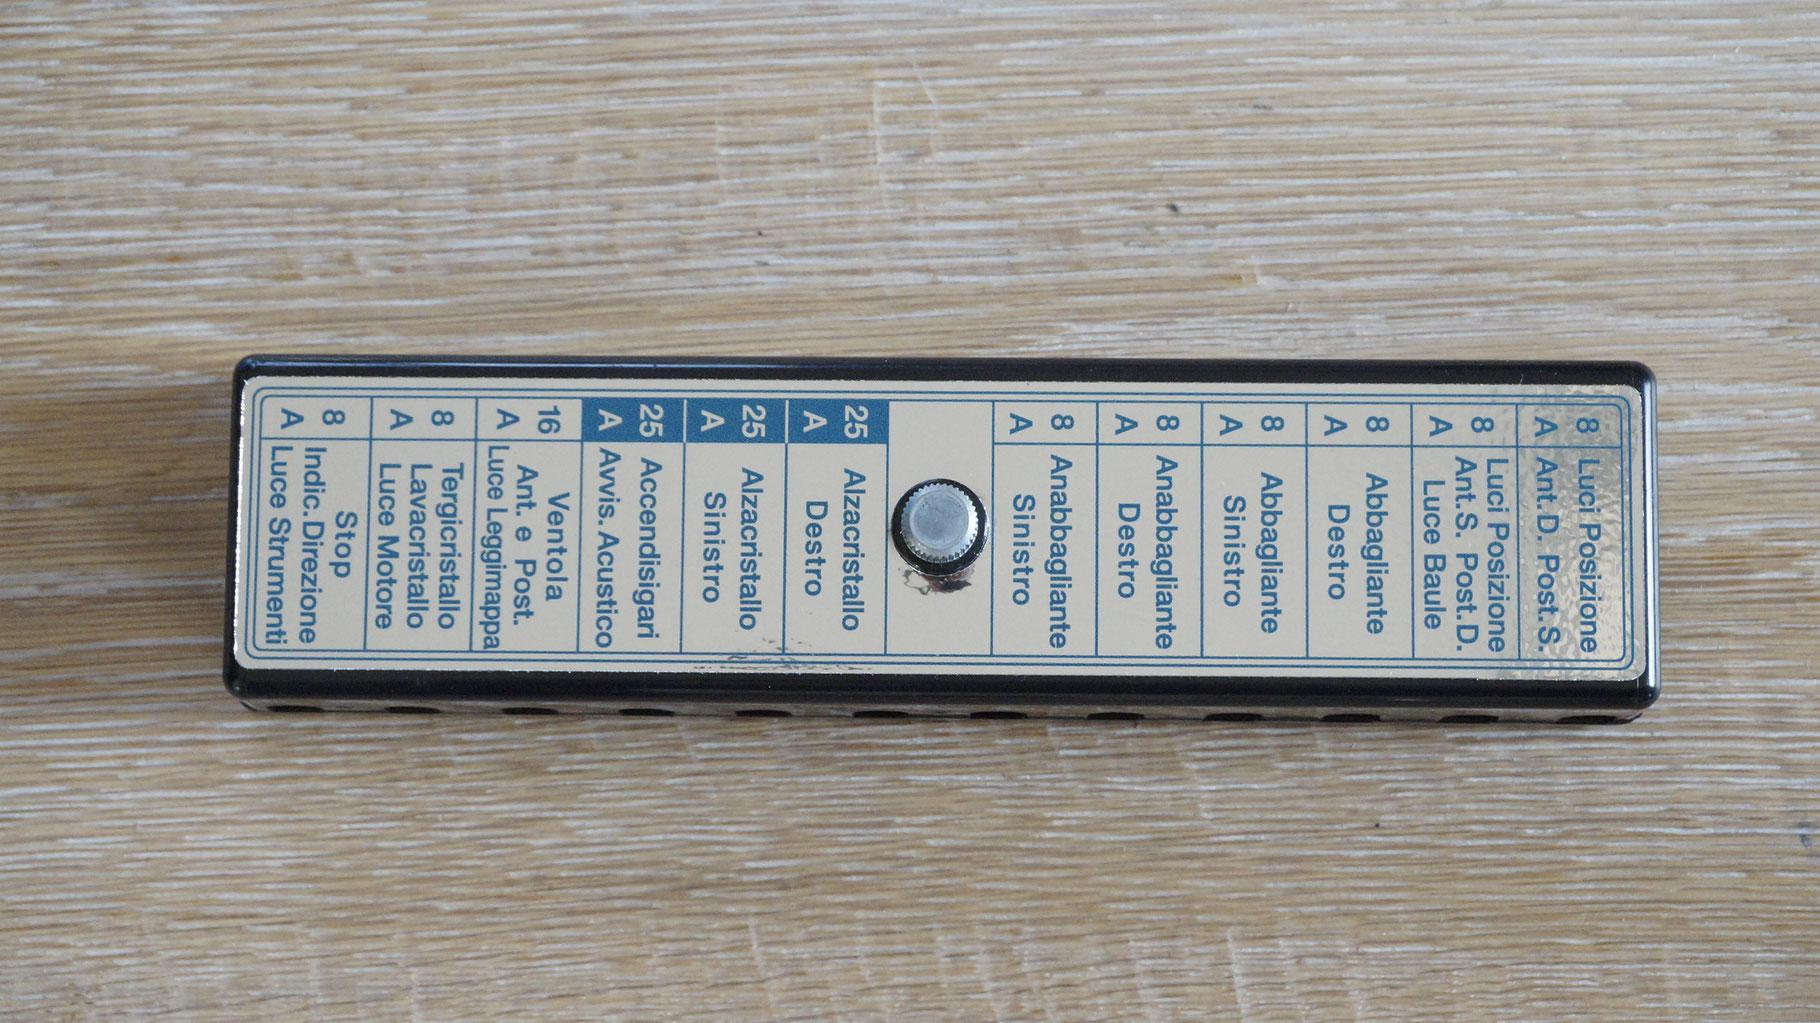 Fuse Box Sicherungskasten Iso Rivolta Club Deutschland Cost Of Car Inquiry Anfrage Inchiesta Enqute Aufkleber Symmetrisch Sticker Symmetric